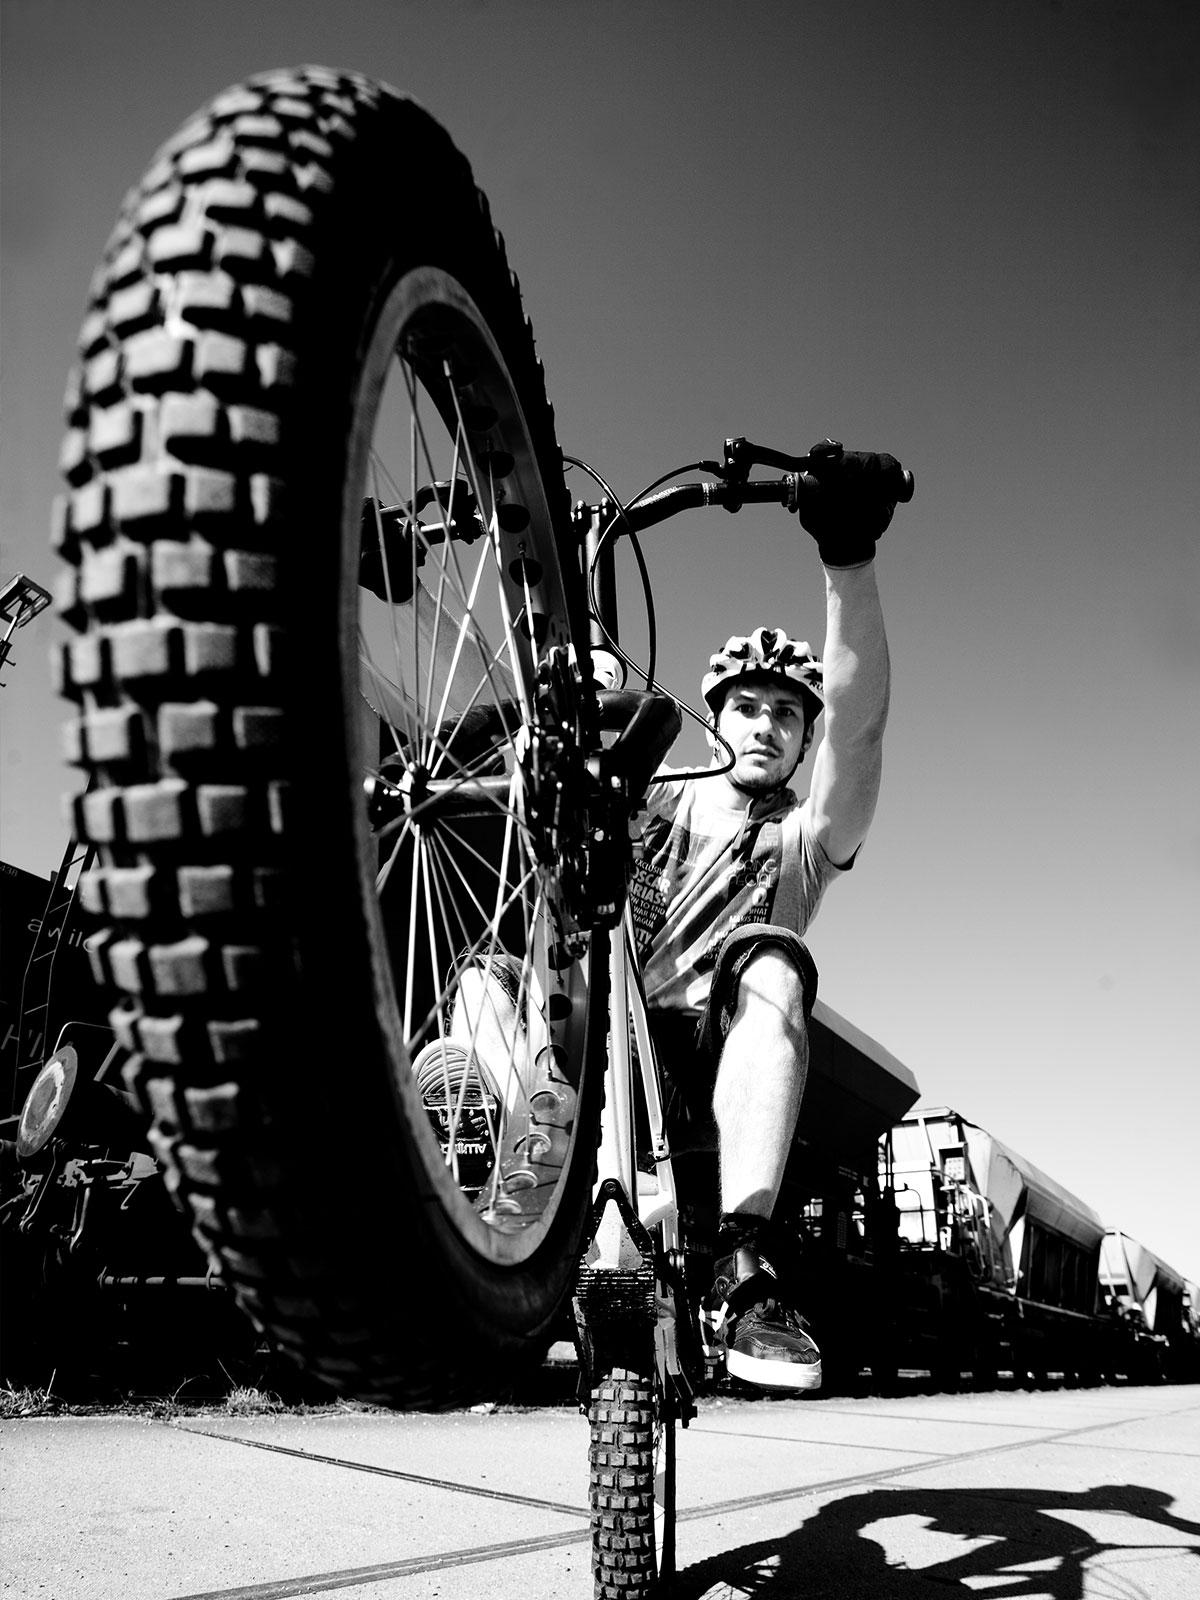 daniel-rall-bike-artist-hornberg-kontakt